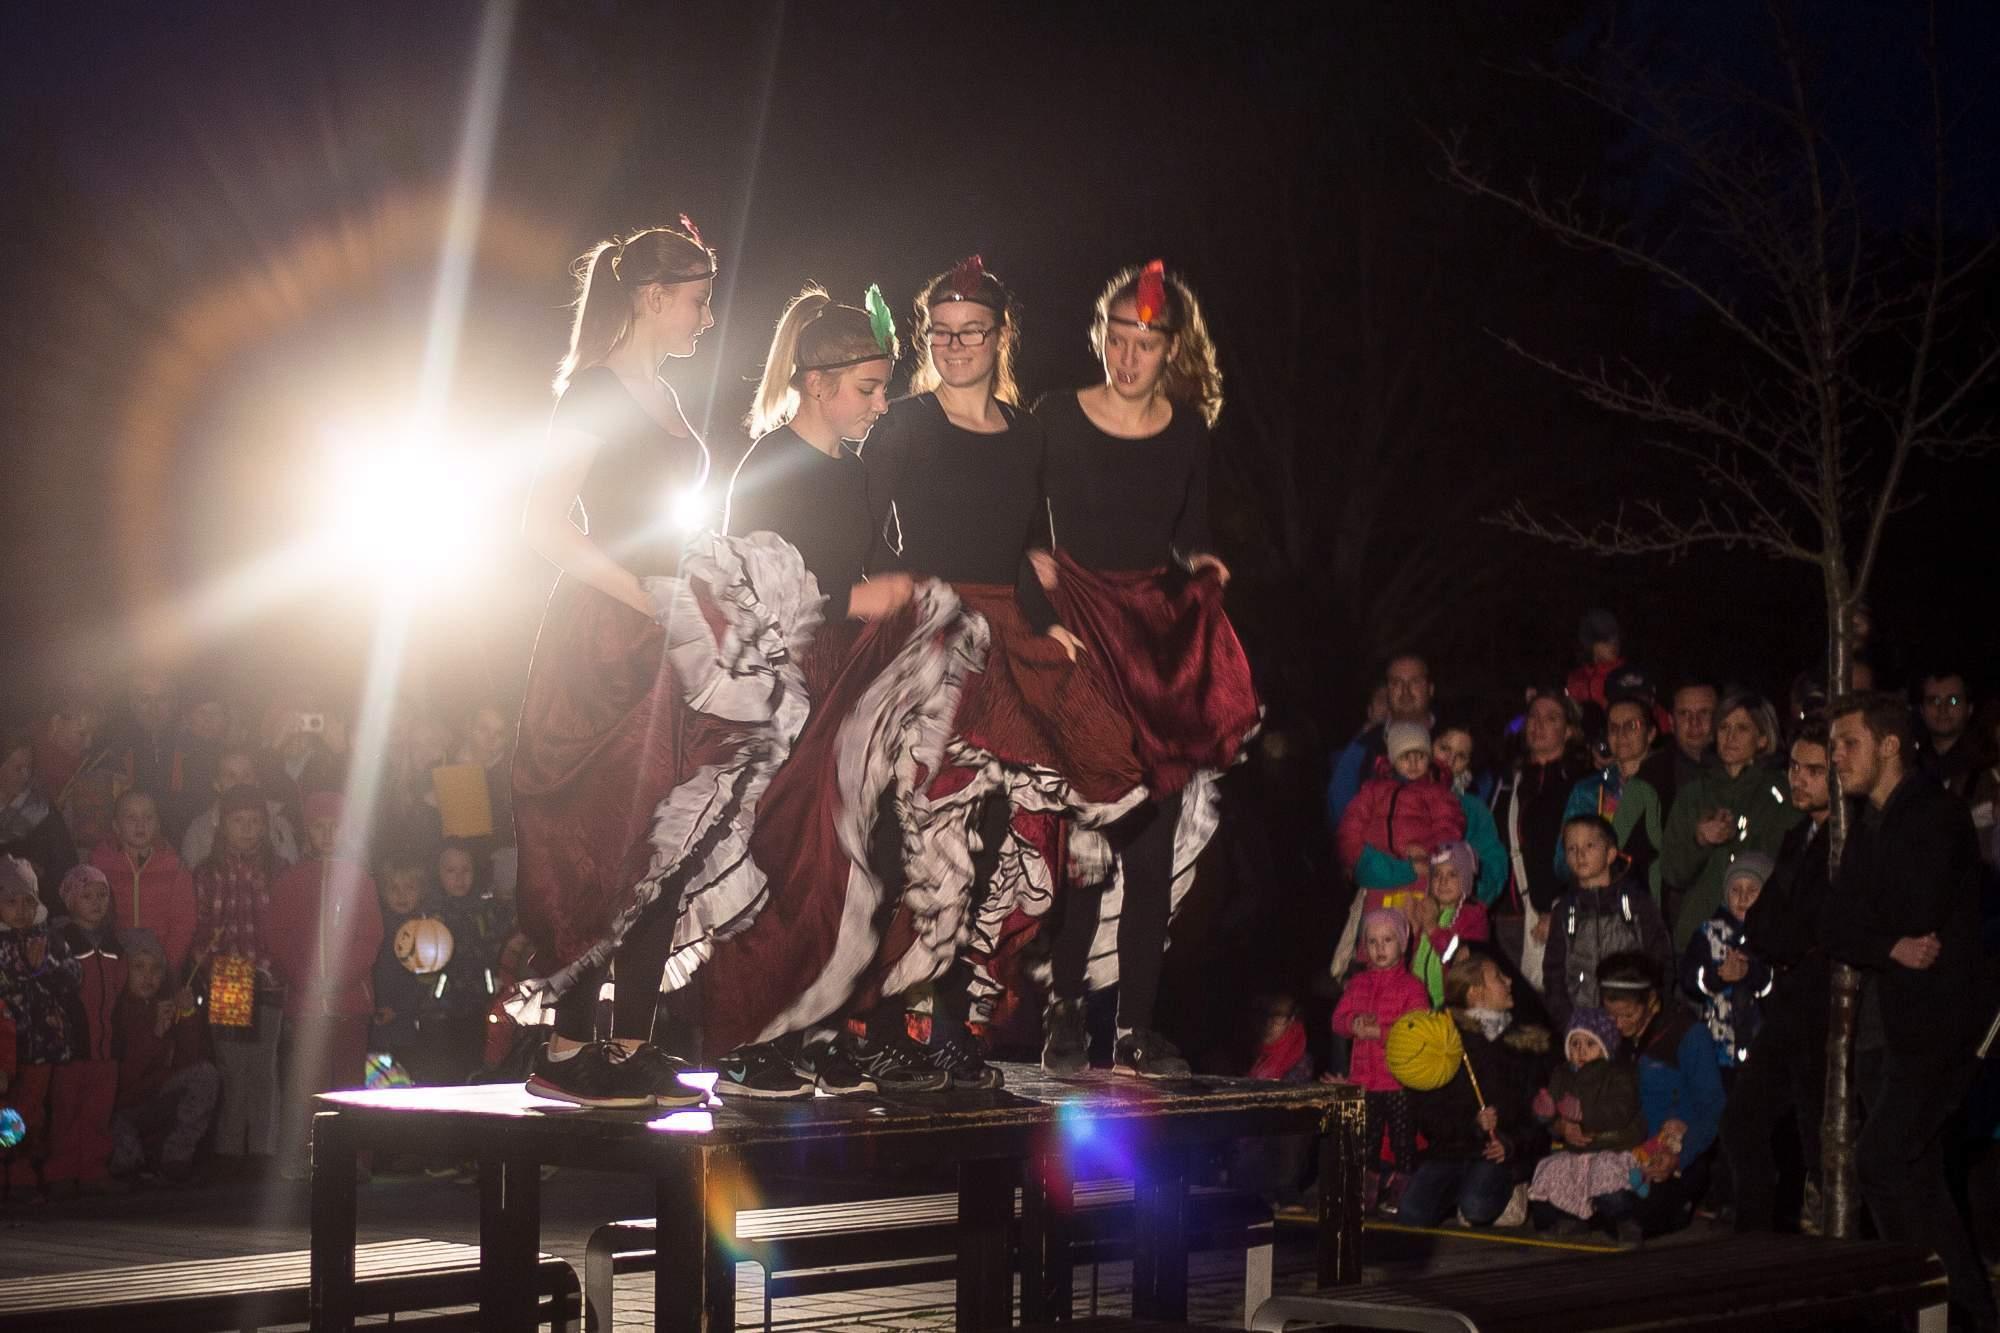 Léto letos bylo štědré, a tak vysoké figury předávaly své dary dál. Na stolech v parku zatančily divoženky a děti nadšeně tleskaly. Foto: Kristýna Čermáková